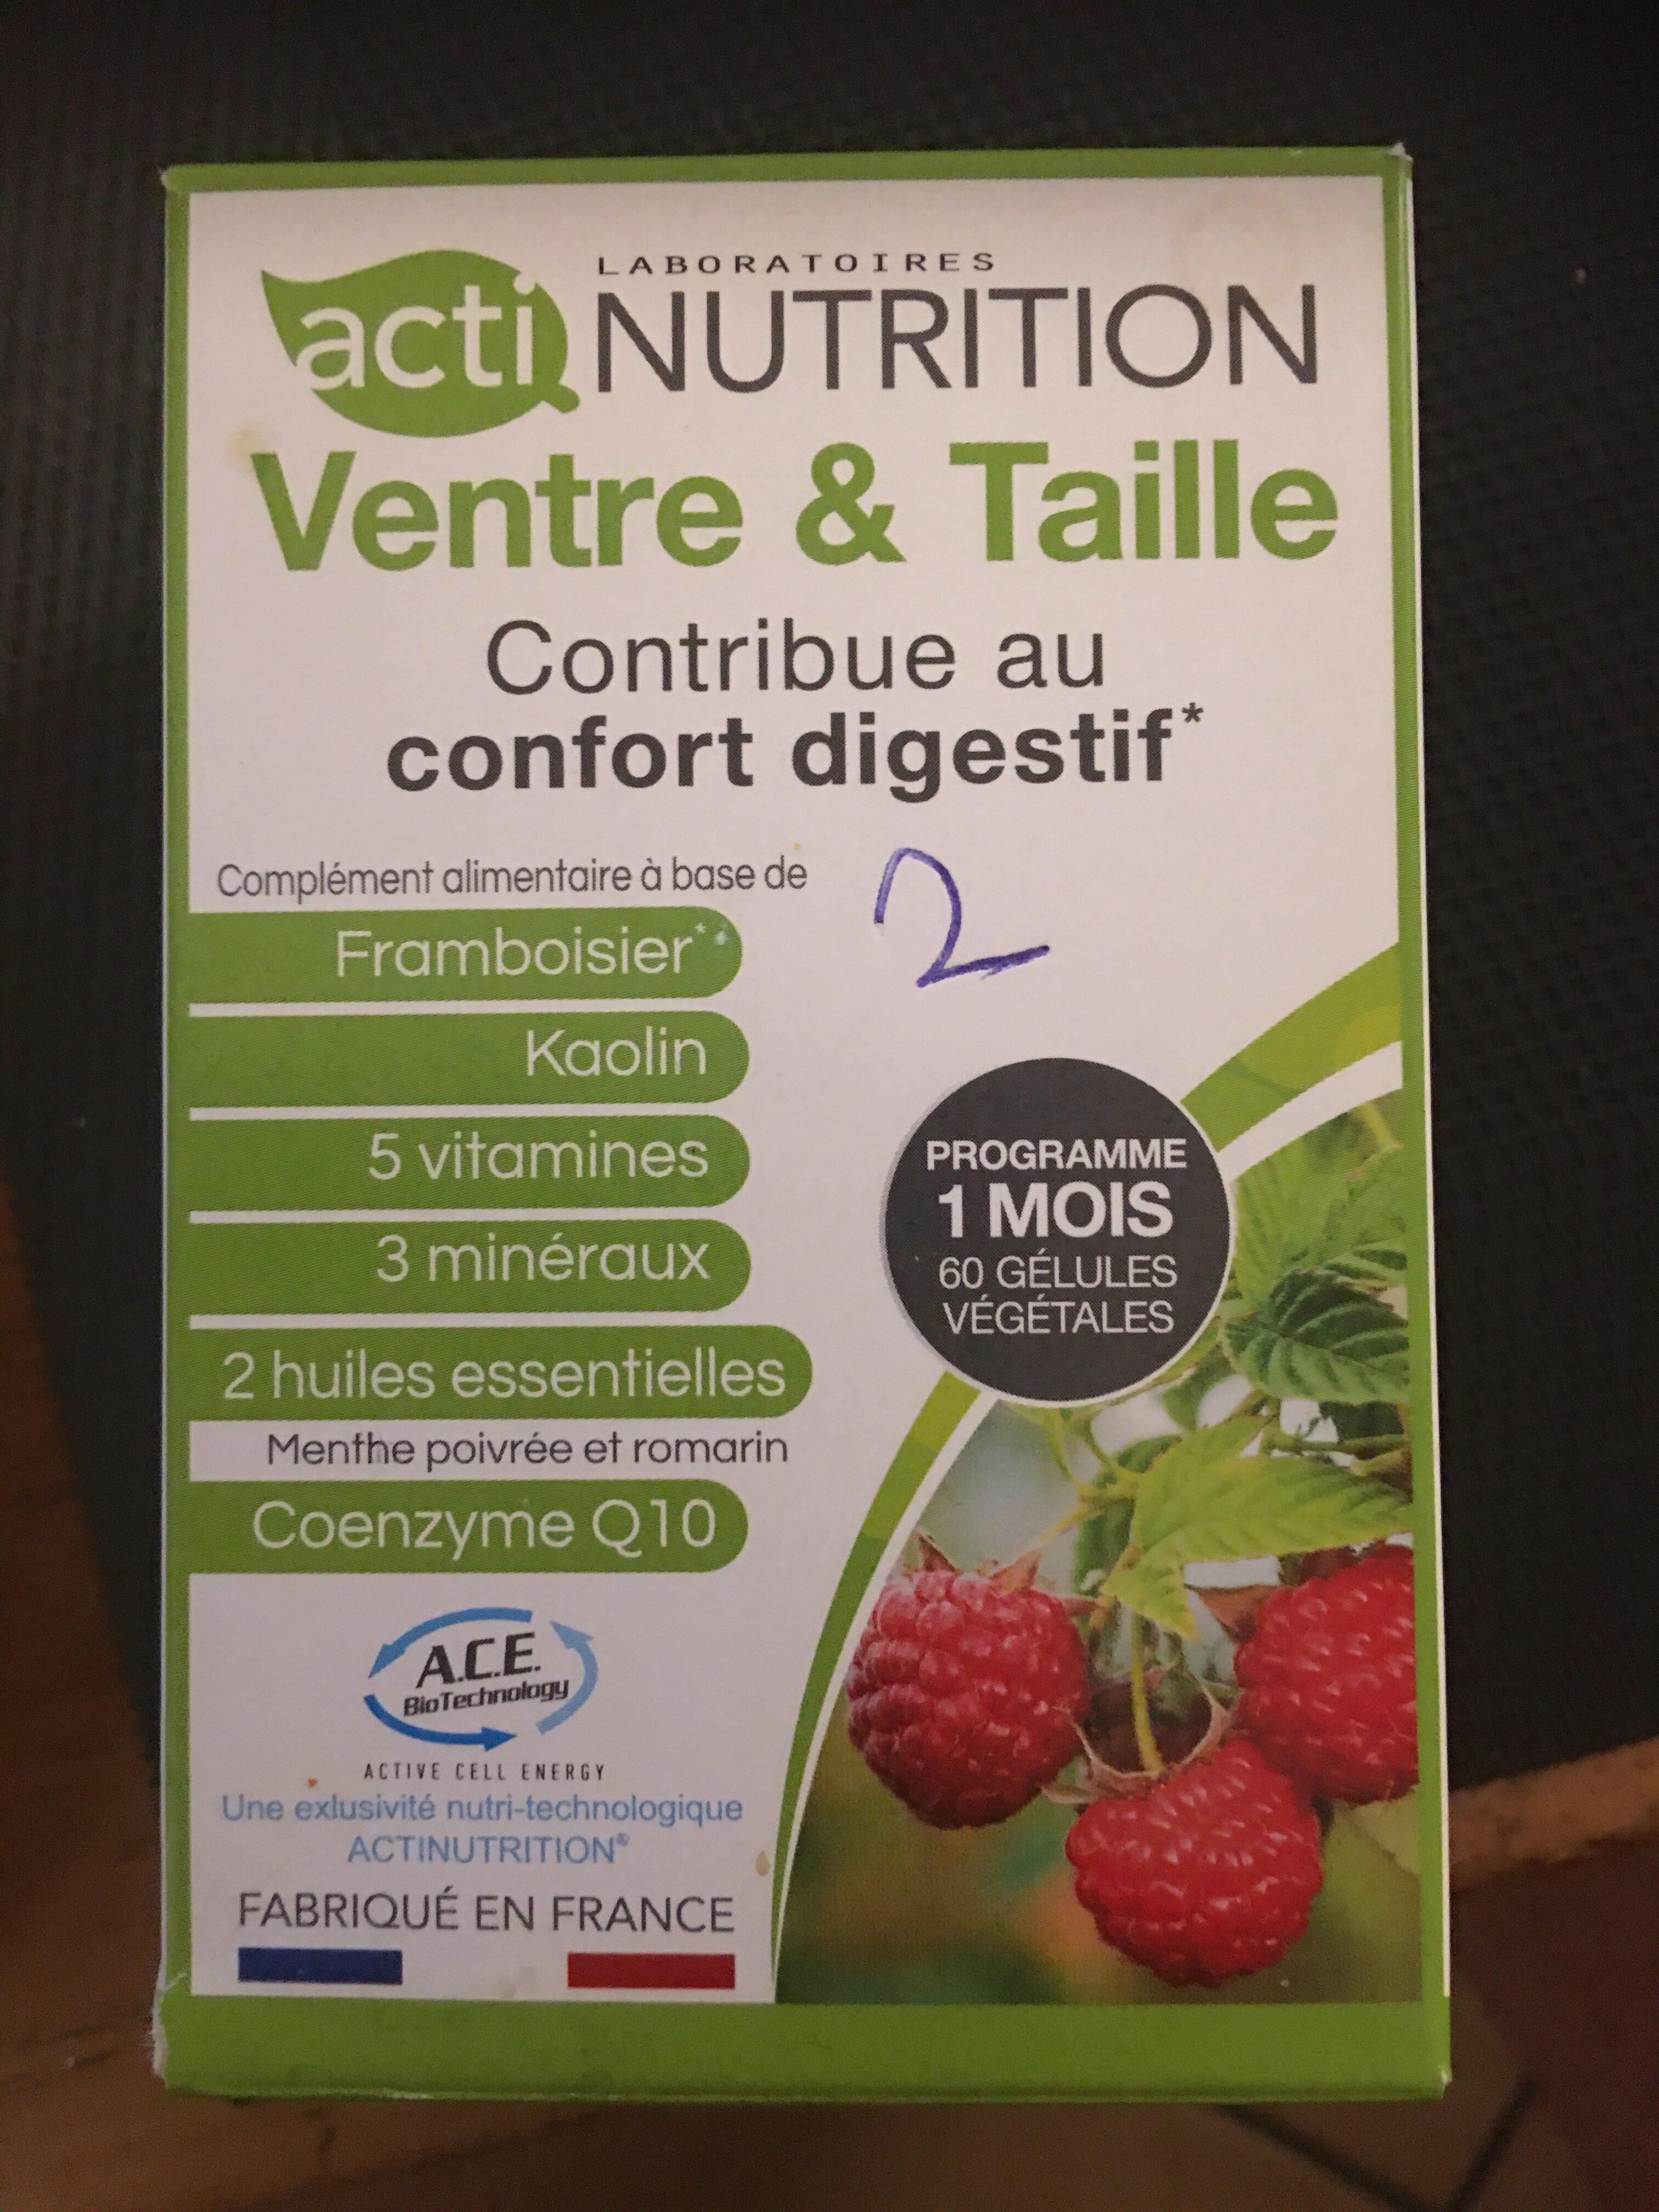 Actinutrition ventre et taille - Produit - fr